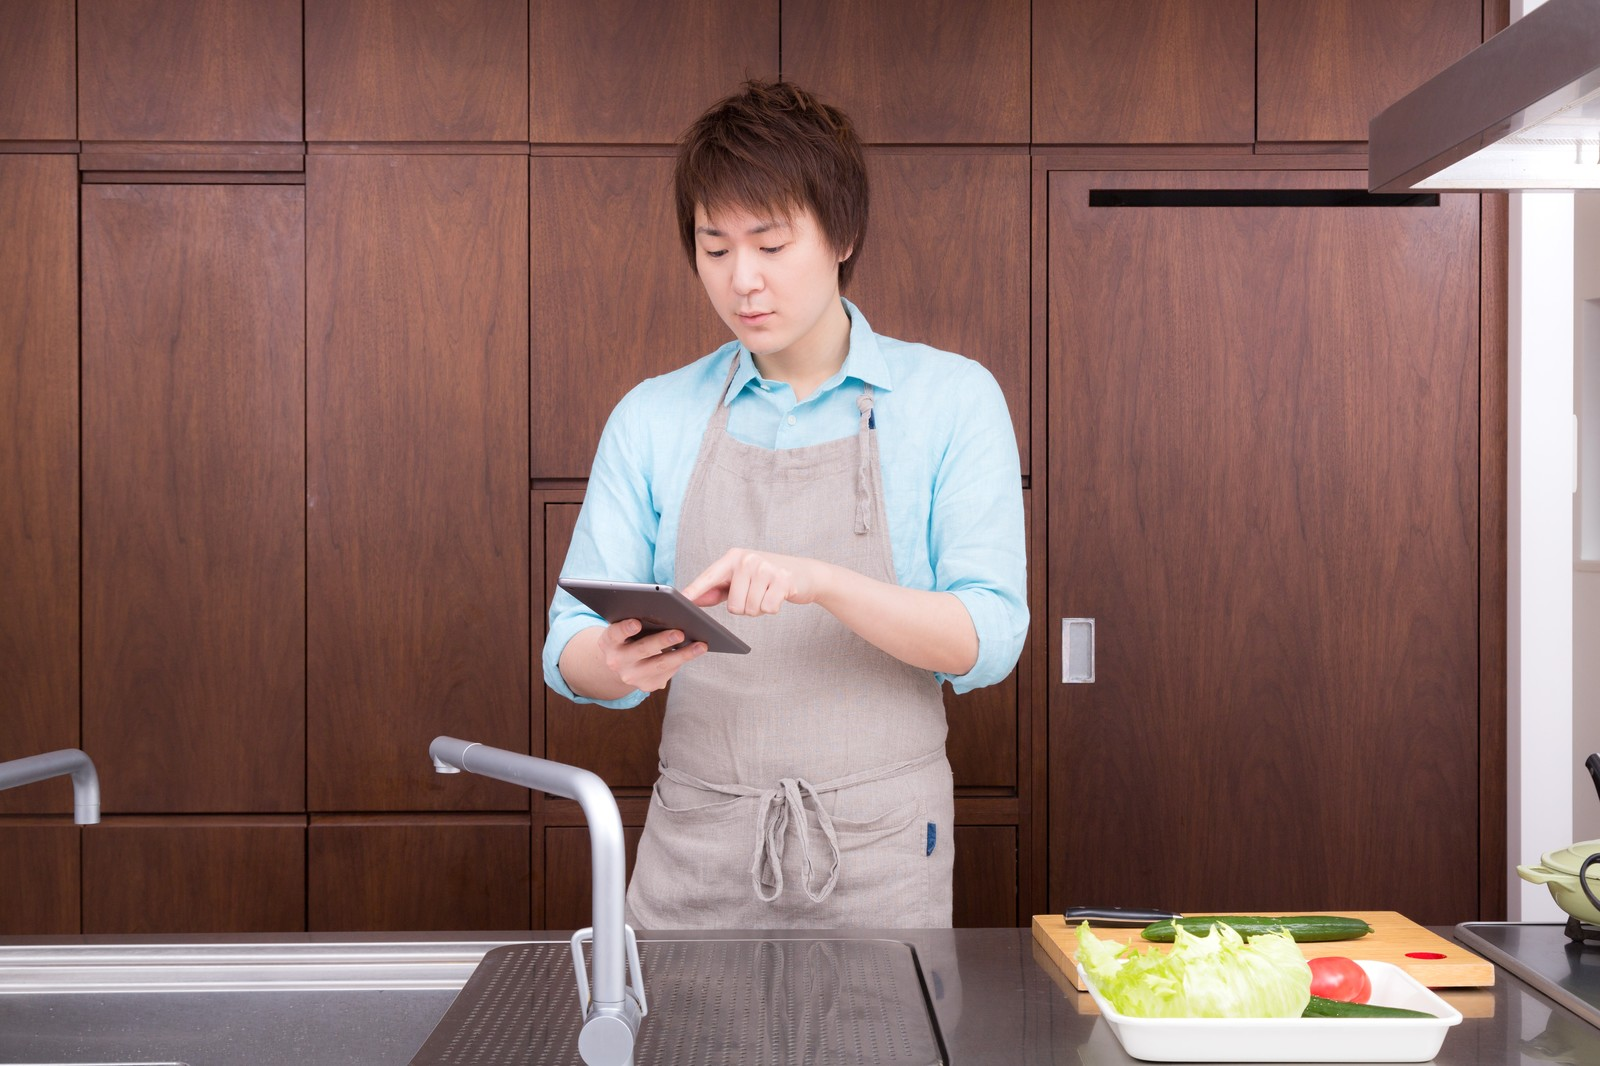 「本日の献立を確認する料理男子本日の献立を確認する料理男子」[モデル:五十嵐夫妻]のフリー写真素材を拡大